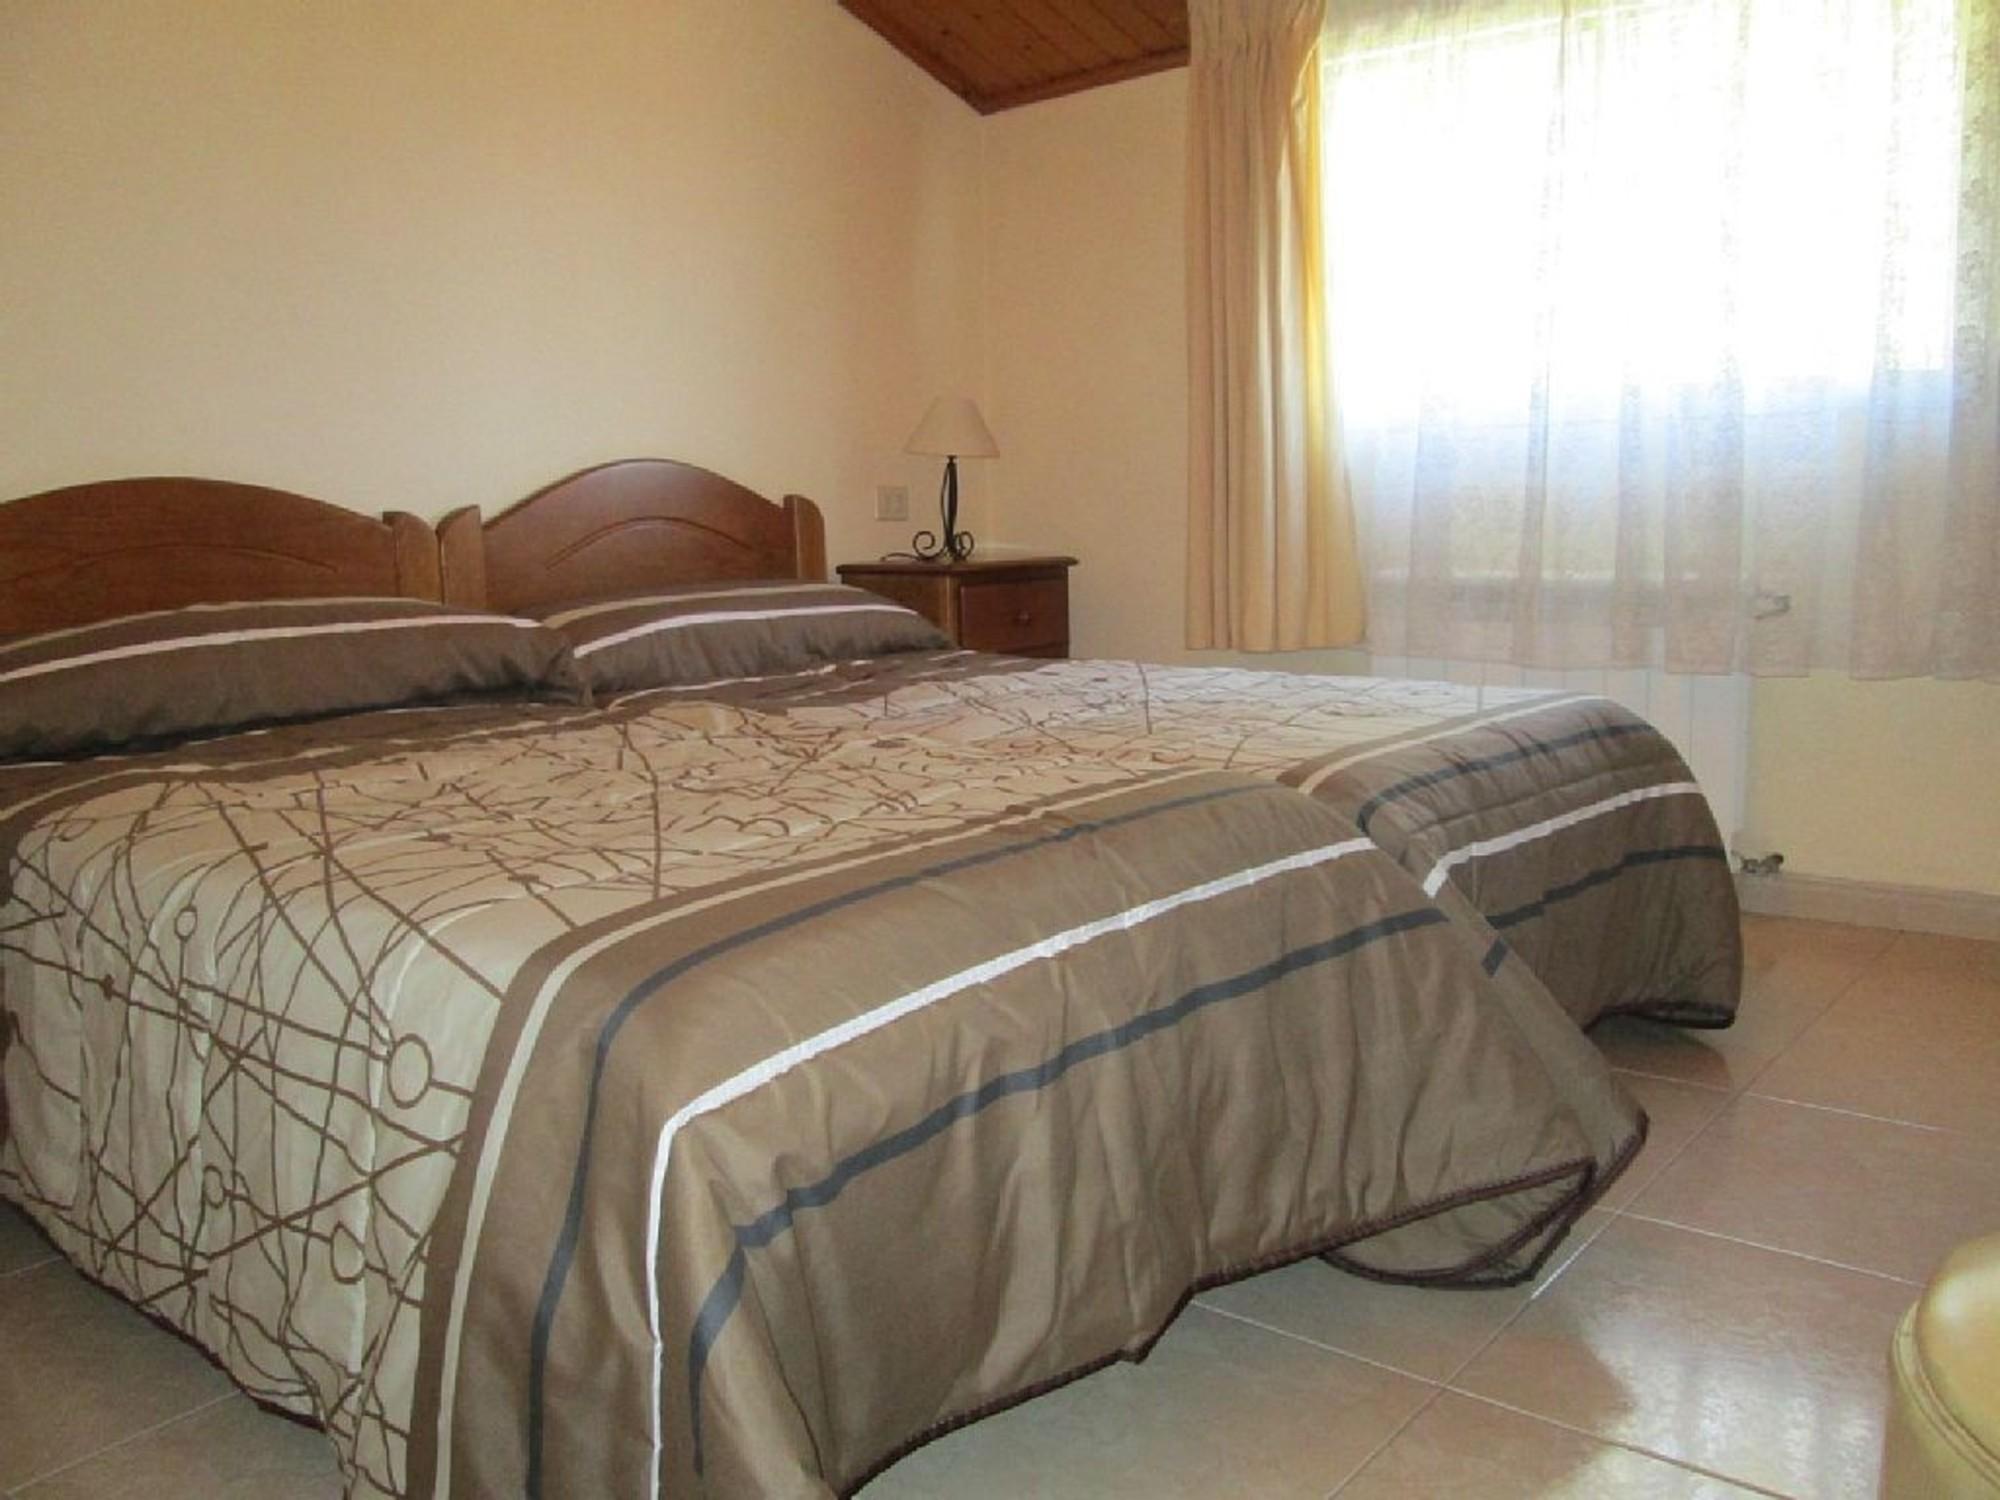 Ferienwohnung Apartment - 3 Bedrooms with WiFi - 100424 (1937594), Bueu, Rias Bajas, Galicien, Spanien, Bild 9